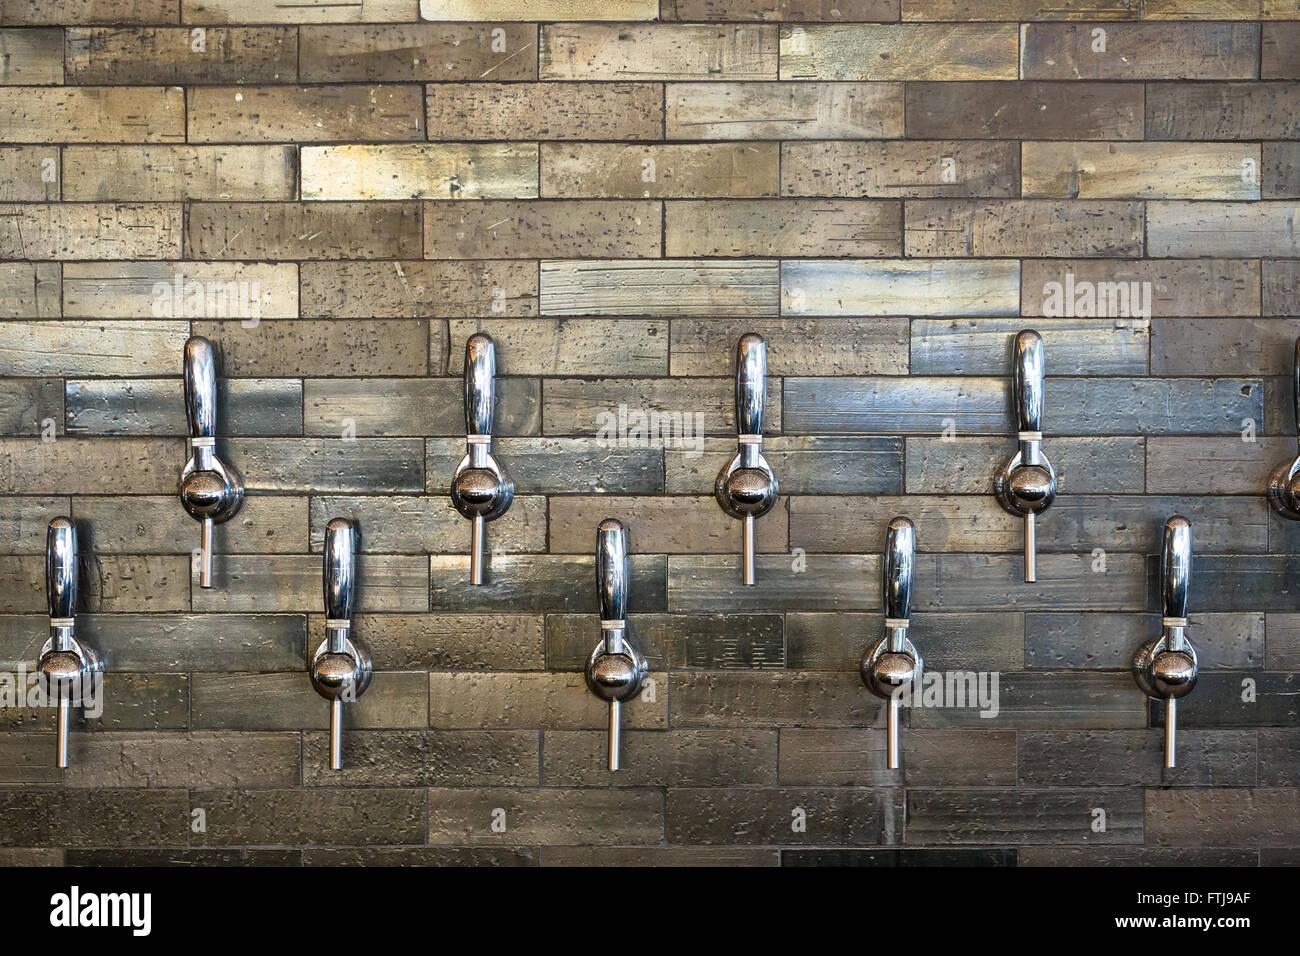 Bierschenke in Portland, Oregon mit mehreren Wasserhahn Griffe für ...